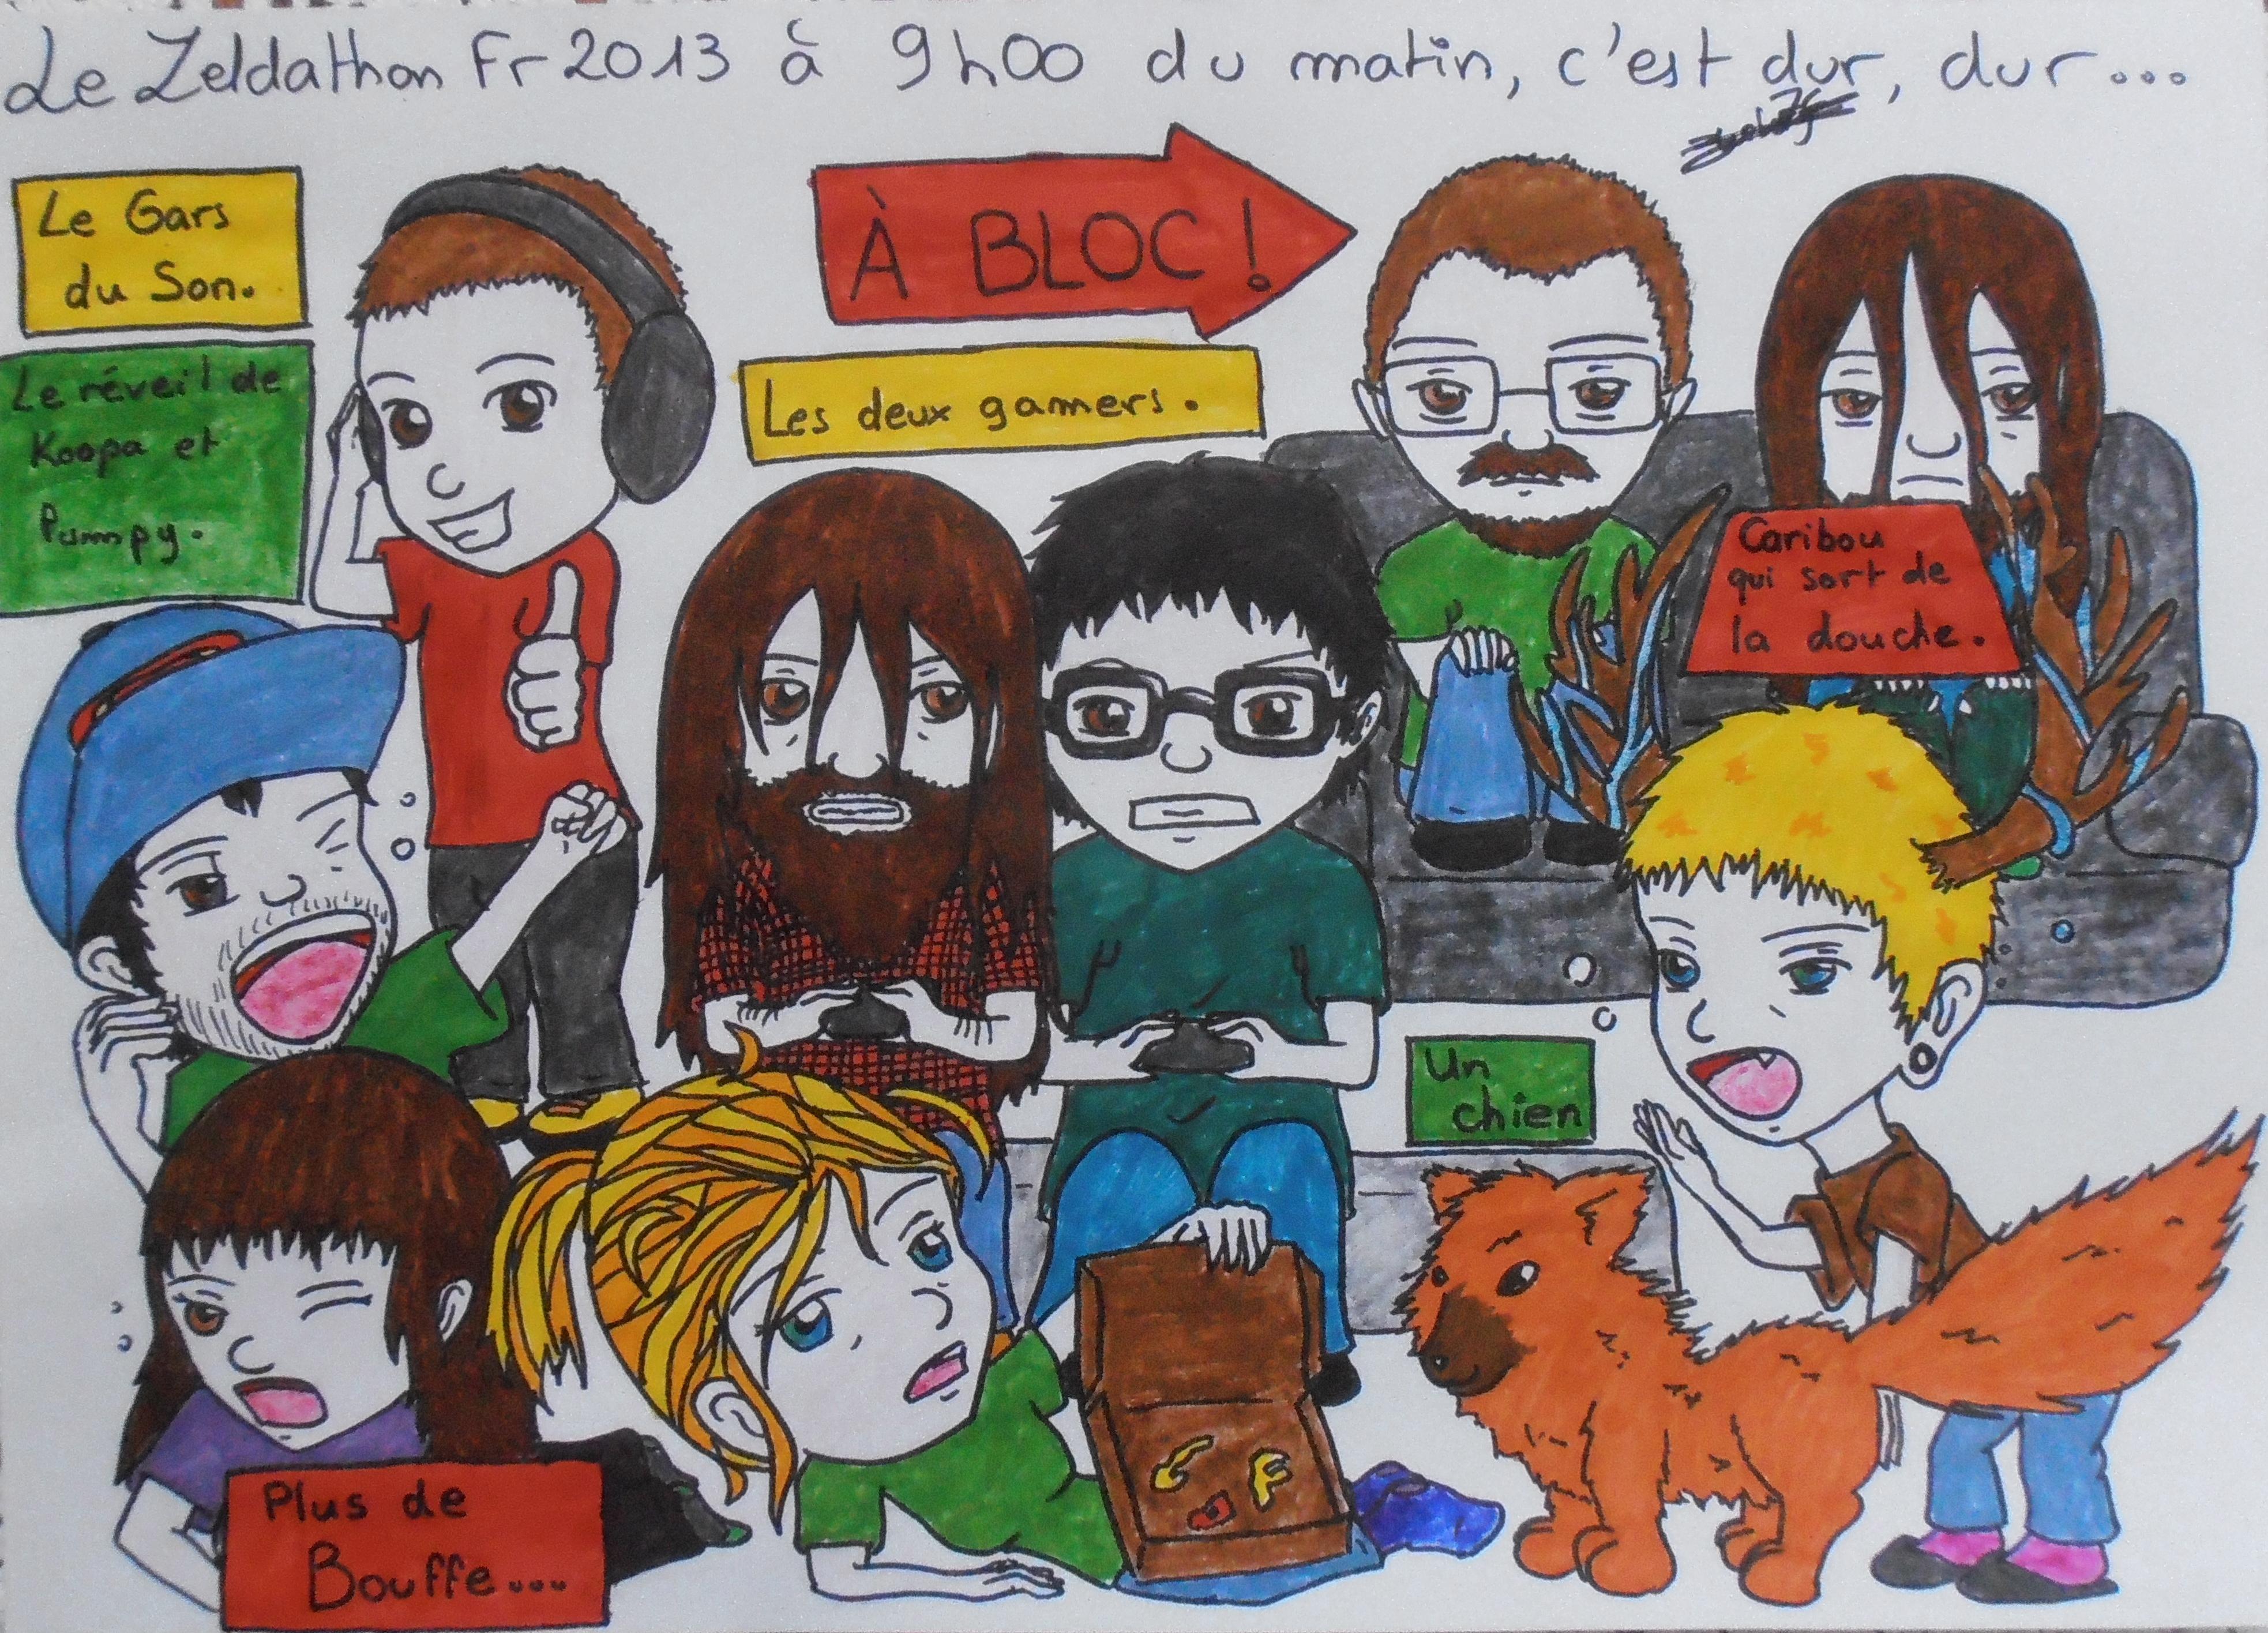 Mes dessins sur Zelda et autres sagas Nintendo 986214FanartZeldathon